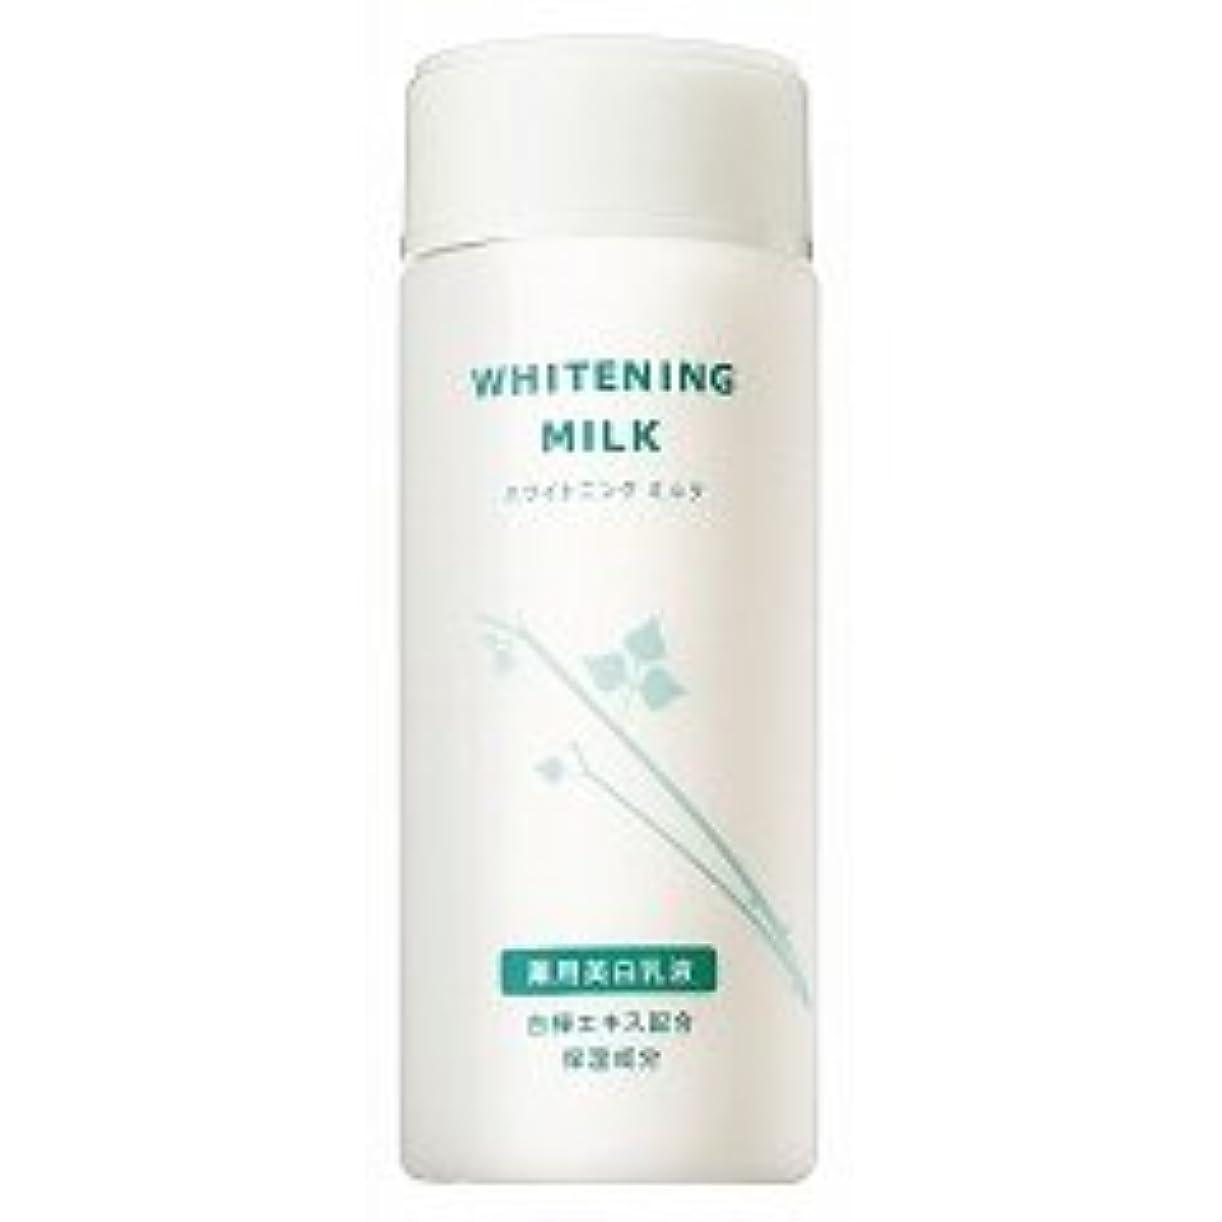 スペクトラムノイズラフエイボン(AVON) 美白乳液 ホワイトニング ミルク 150ml【医薬部外品】